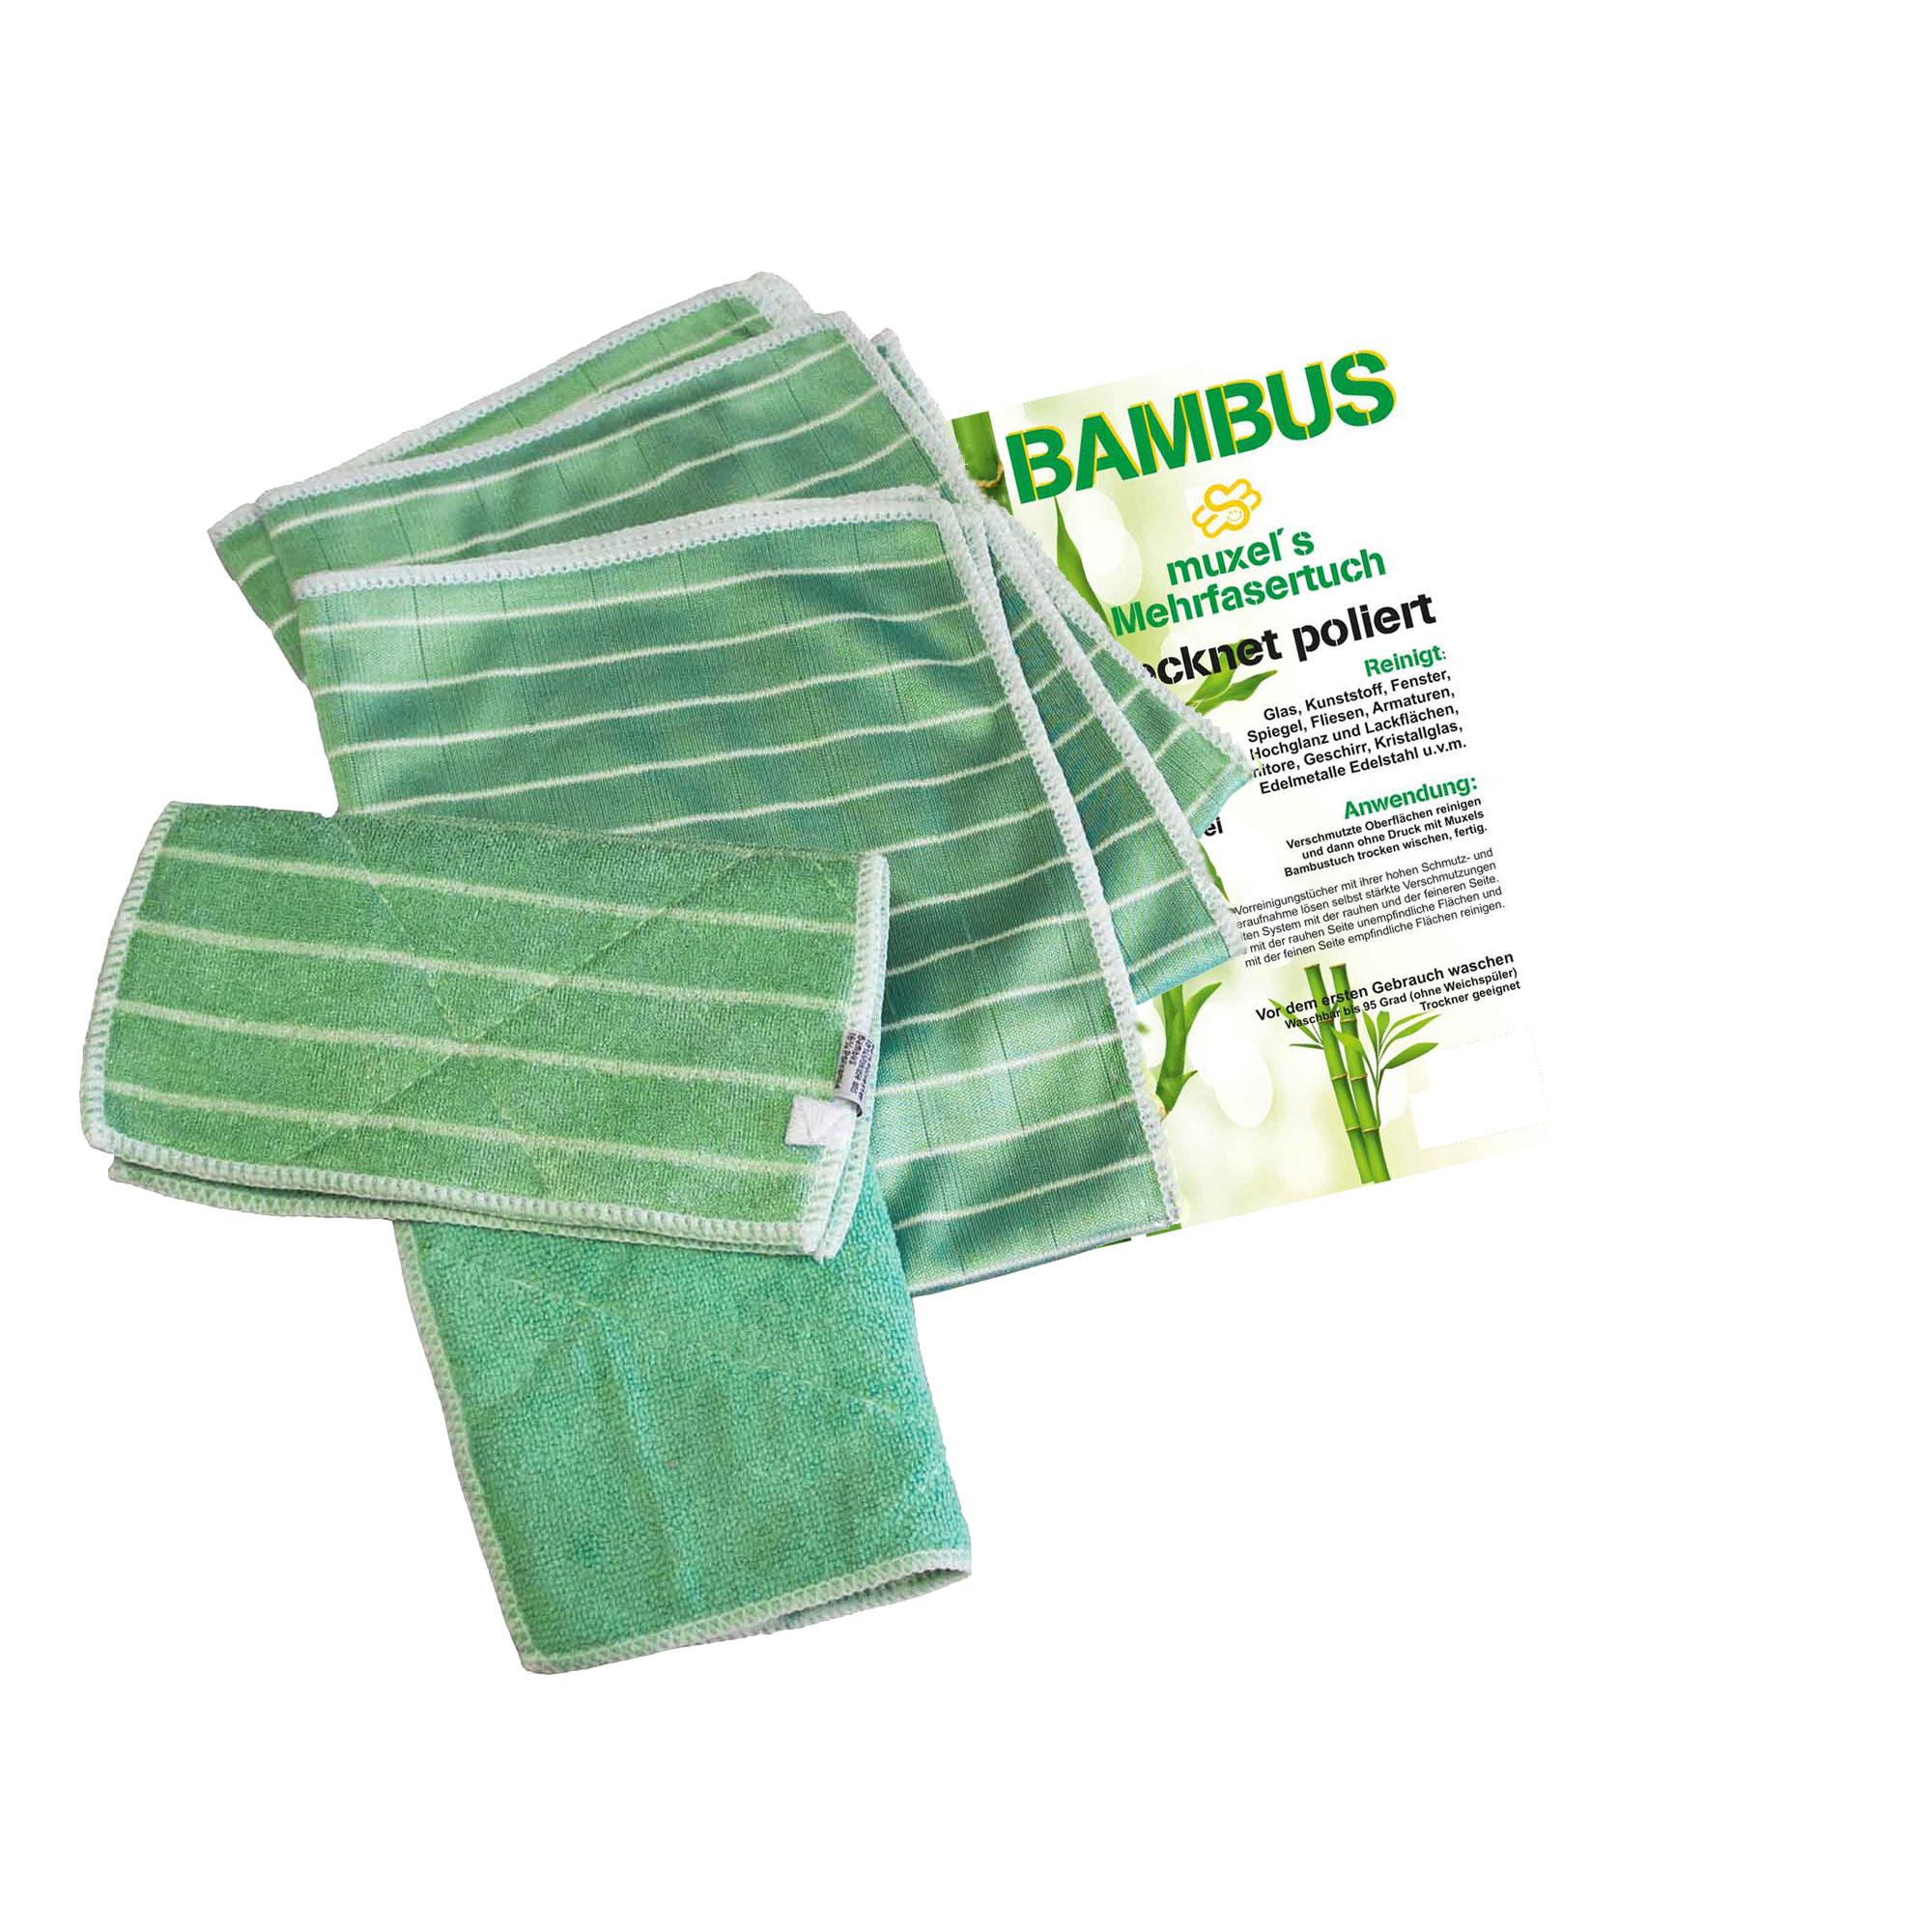 muxel-reinigung-bambus-tuch-set-339-r1000gr